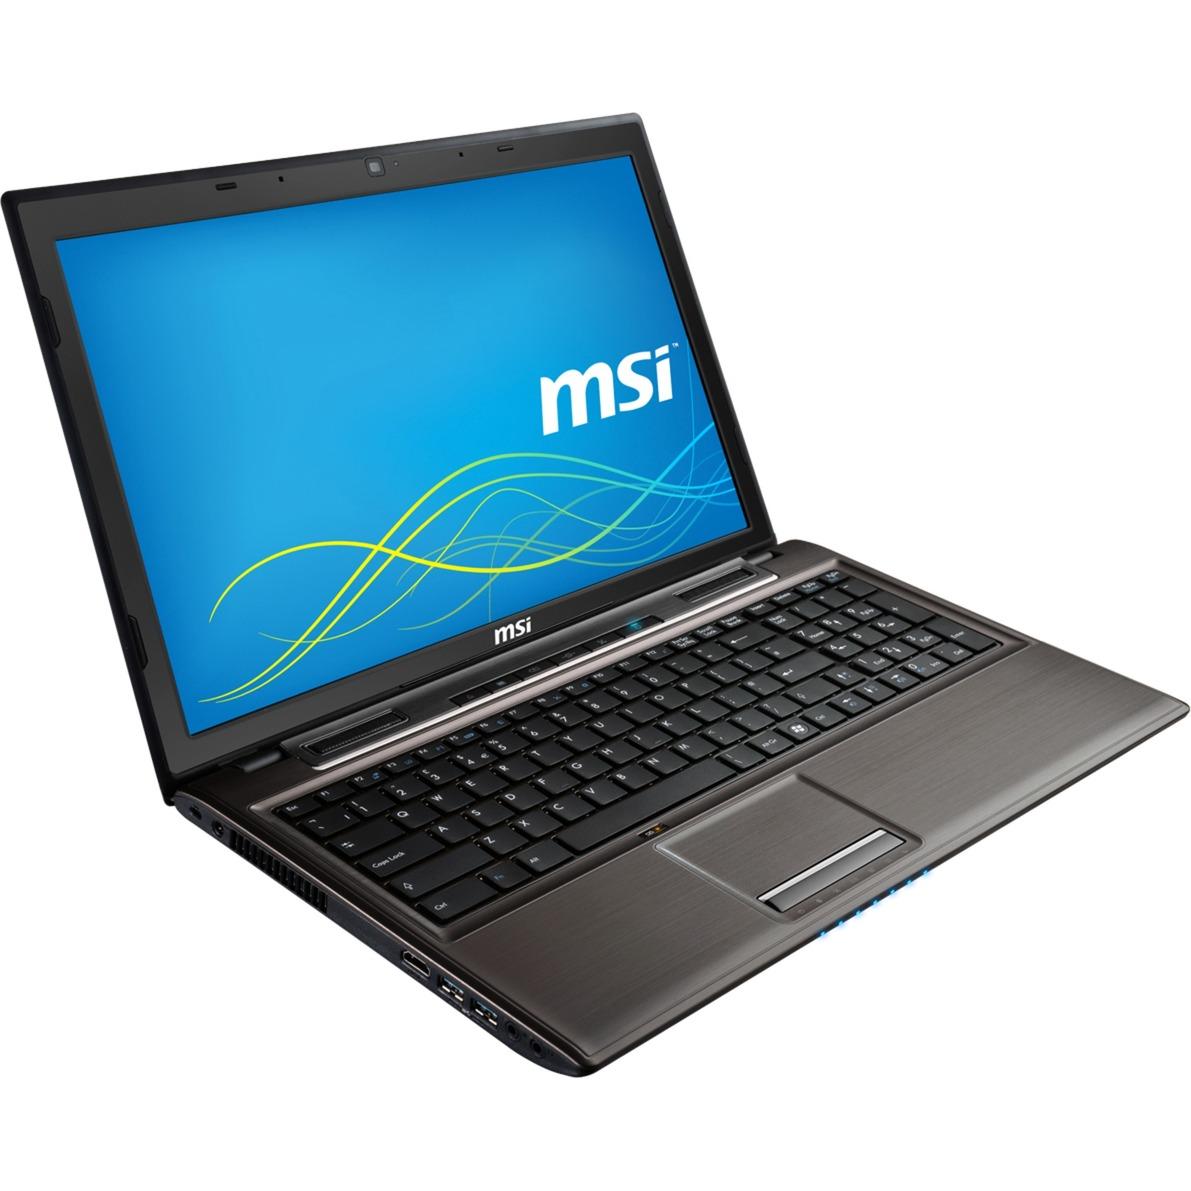 billige laptops kaufen asus notebook g nstig kaufen billige asus n71jq ty002v laptop online. Black Bedroom Furniture Sets. Home Design Ideas